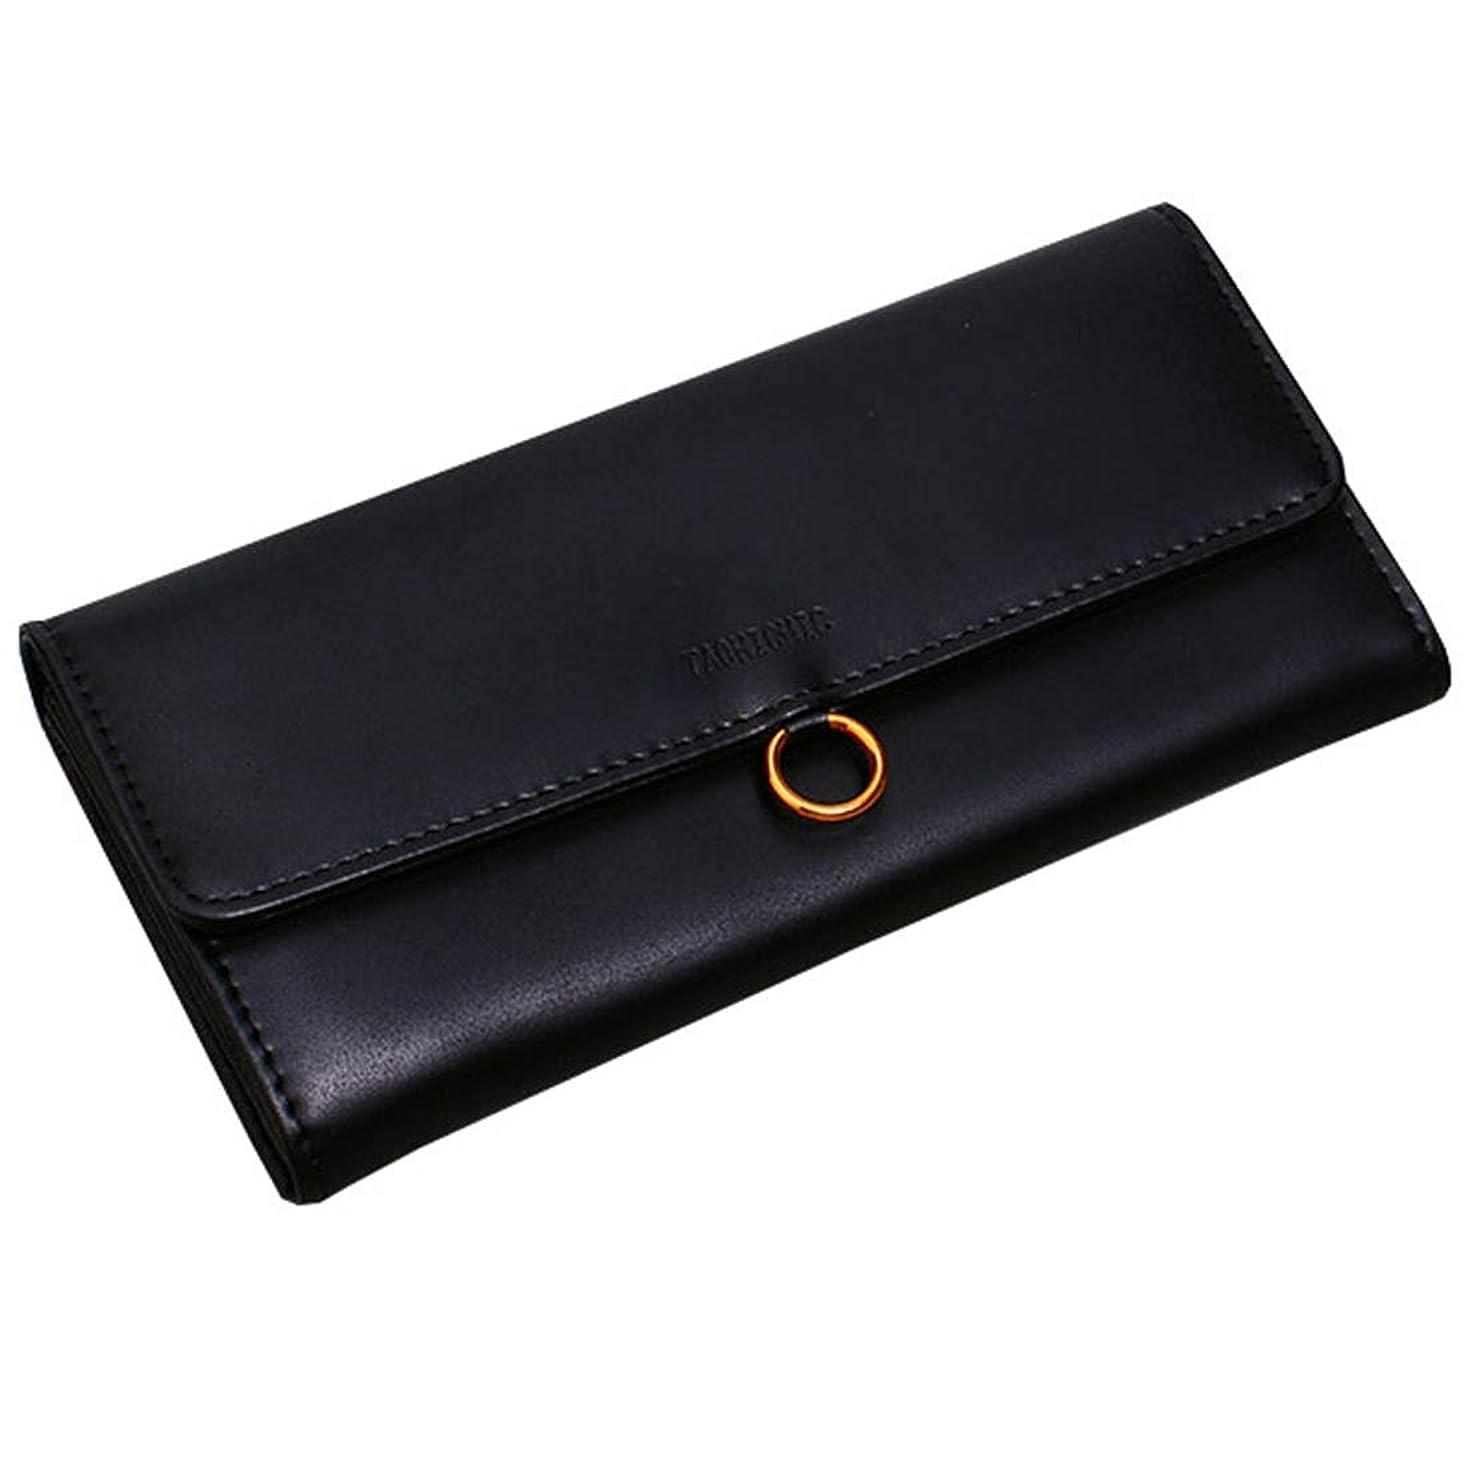 厳しい怖がらせる誘惑する[テンカ]長財布 レディース 財布 二つ折り おしゃれ 可愛い 大容量 小銭入れ ウォレット 人気 カード入れ 女の子 収納 女性 多機能 プレゼント 軽量 贈り物 小さい コインケース 通勤